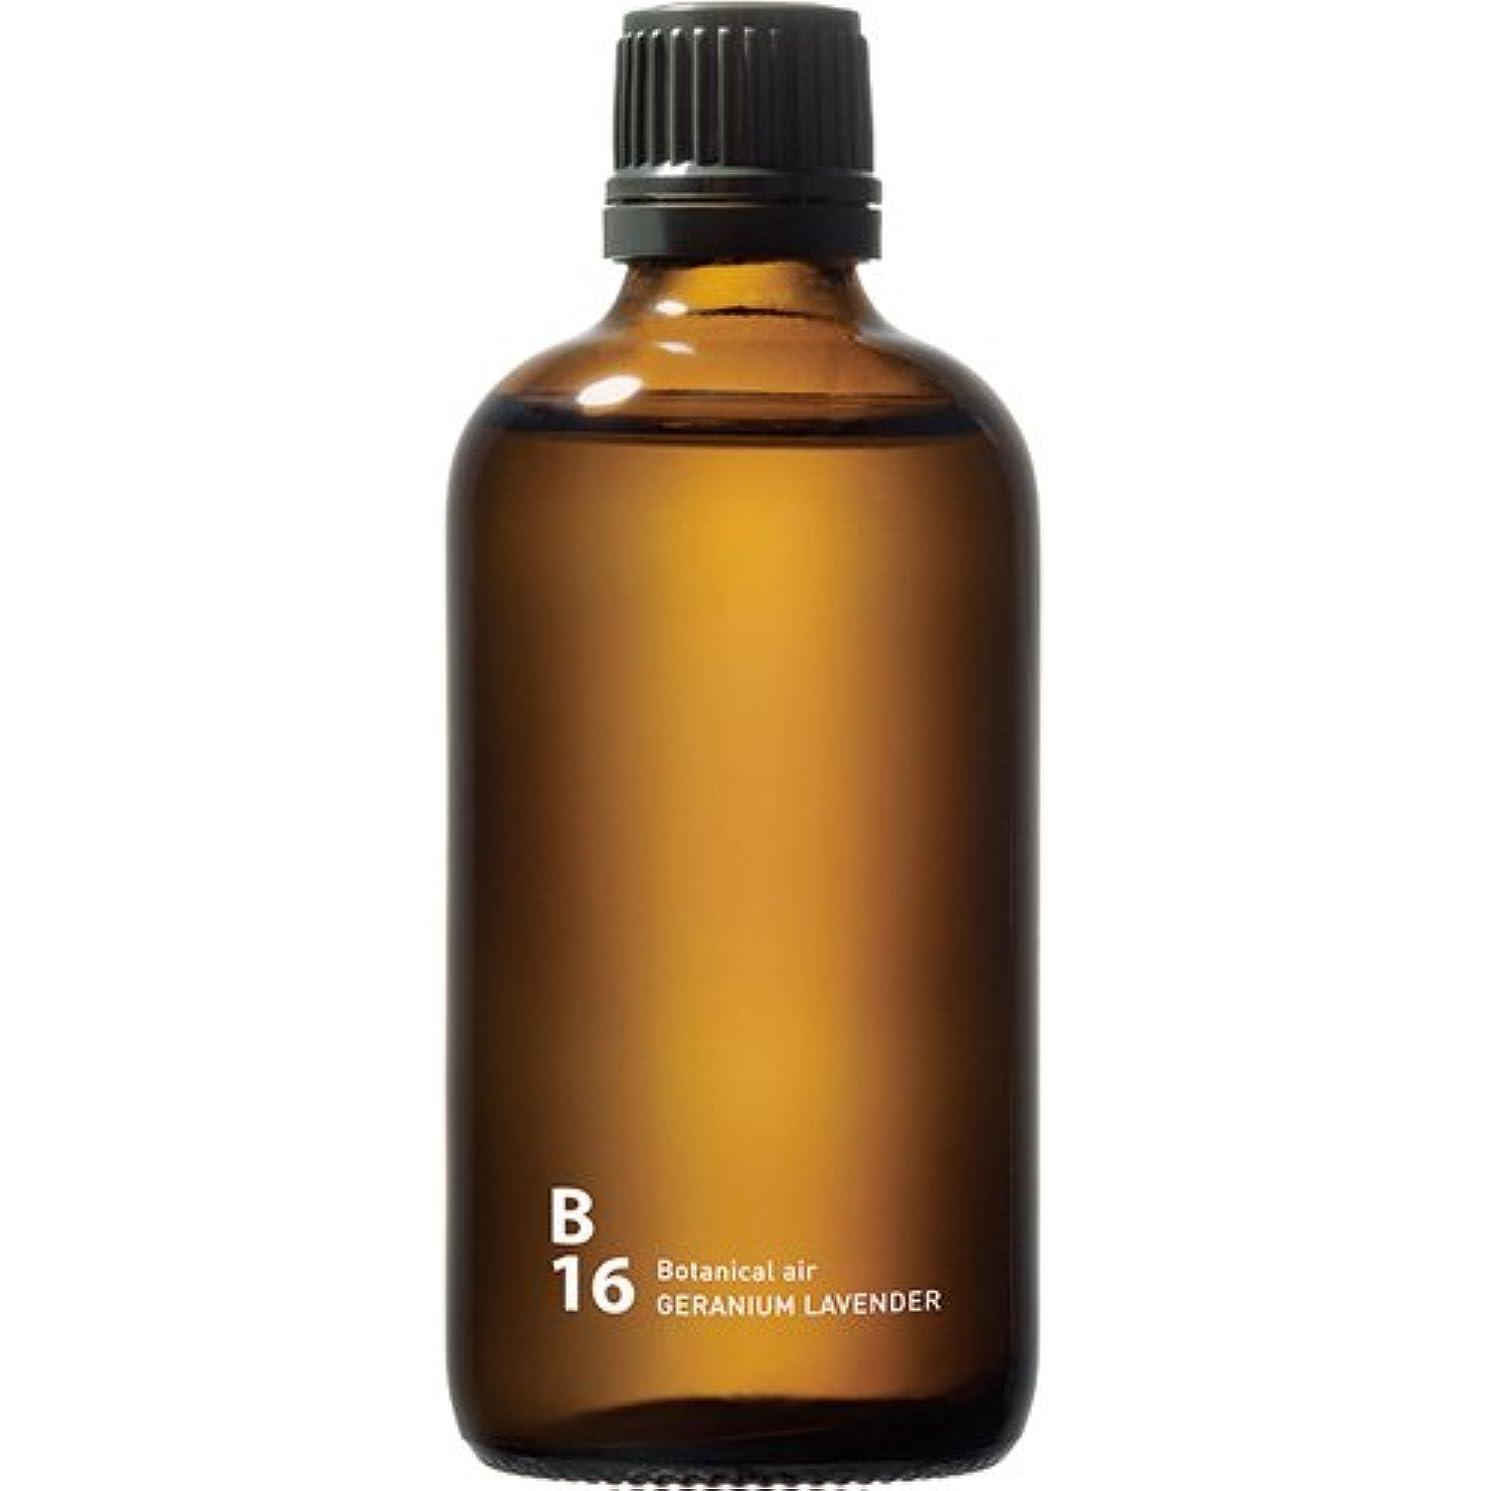 判読できない糞埋め込むB16 GERANIUM LAVENDER piezo aroma oil 100ml